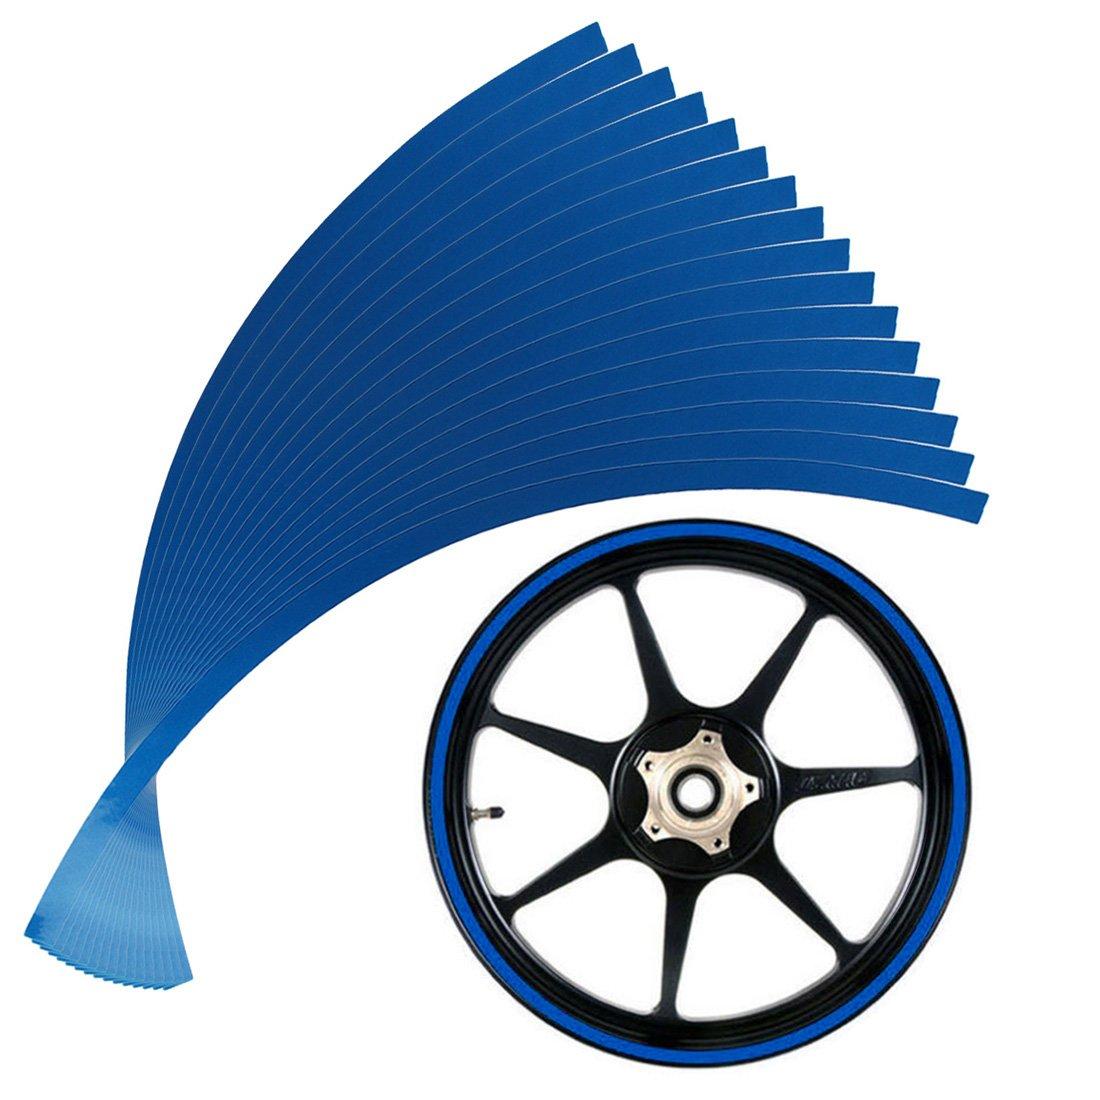 PP-NEST 10mm ホイールリムテープ ストライプ 反射デカール オートバイホイール16インチまたは車輪QCFGT-01  ブルー B074QMG6SD